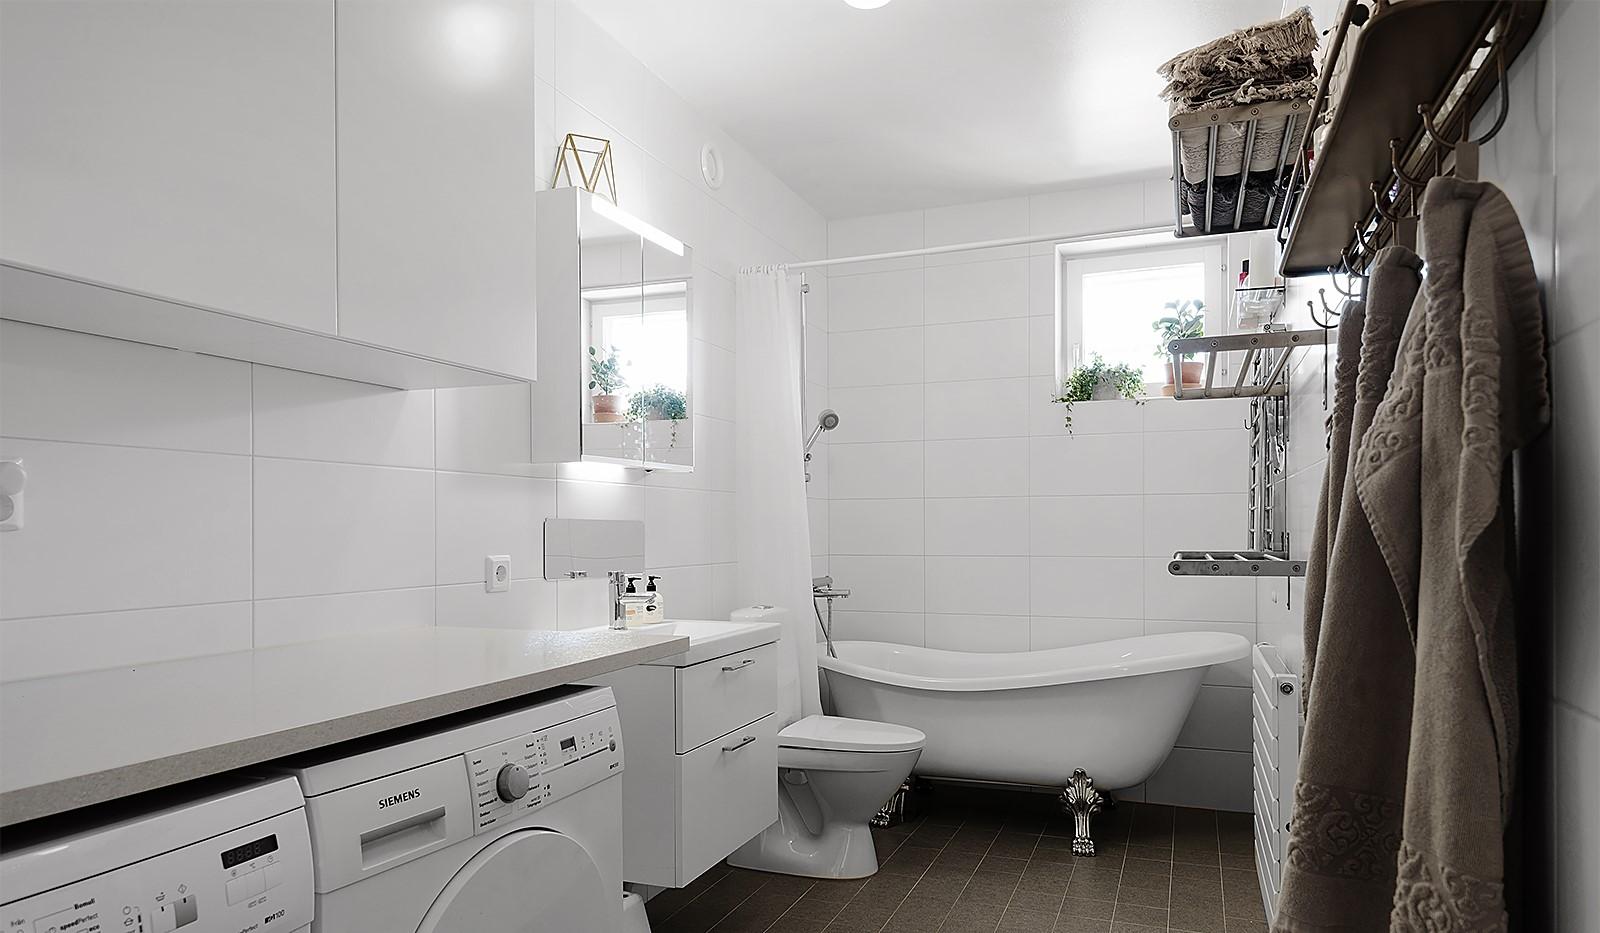 Ekfatsgatan 4, 6 tr - Badrum med tvättavdelning och badkar